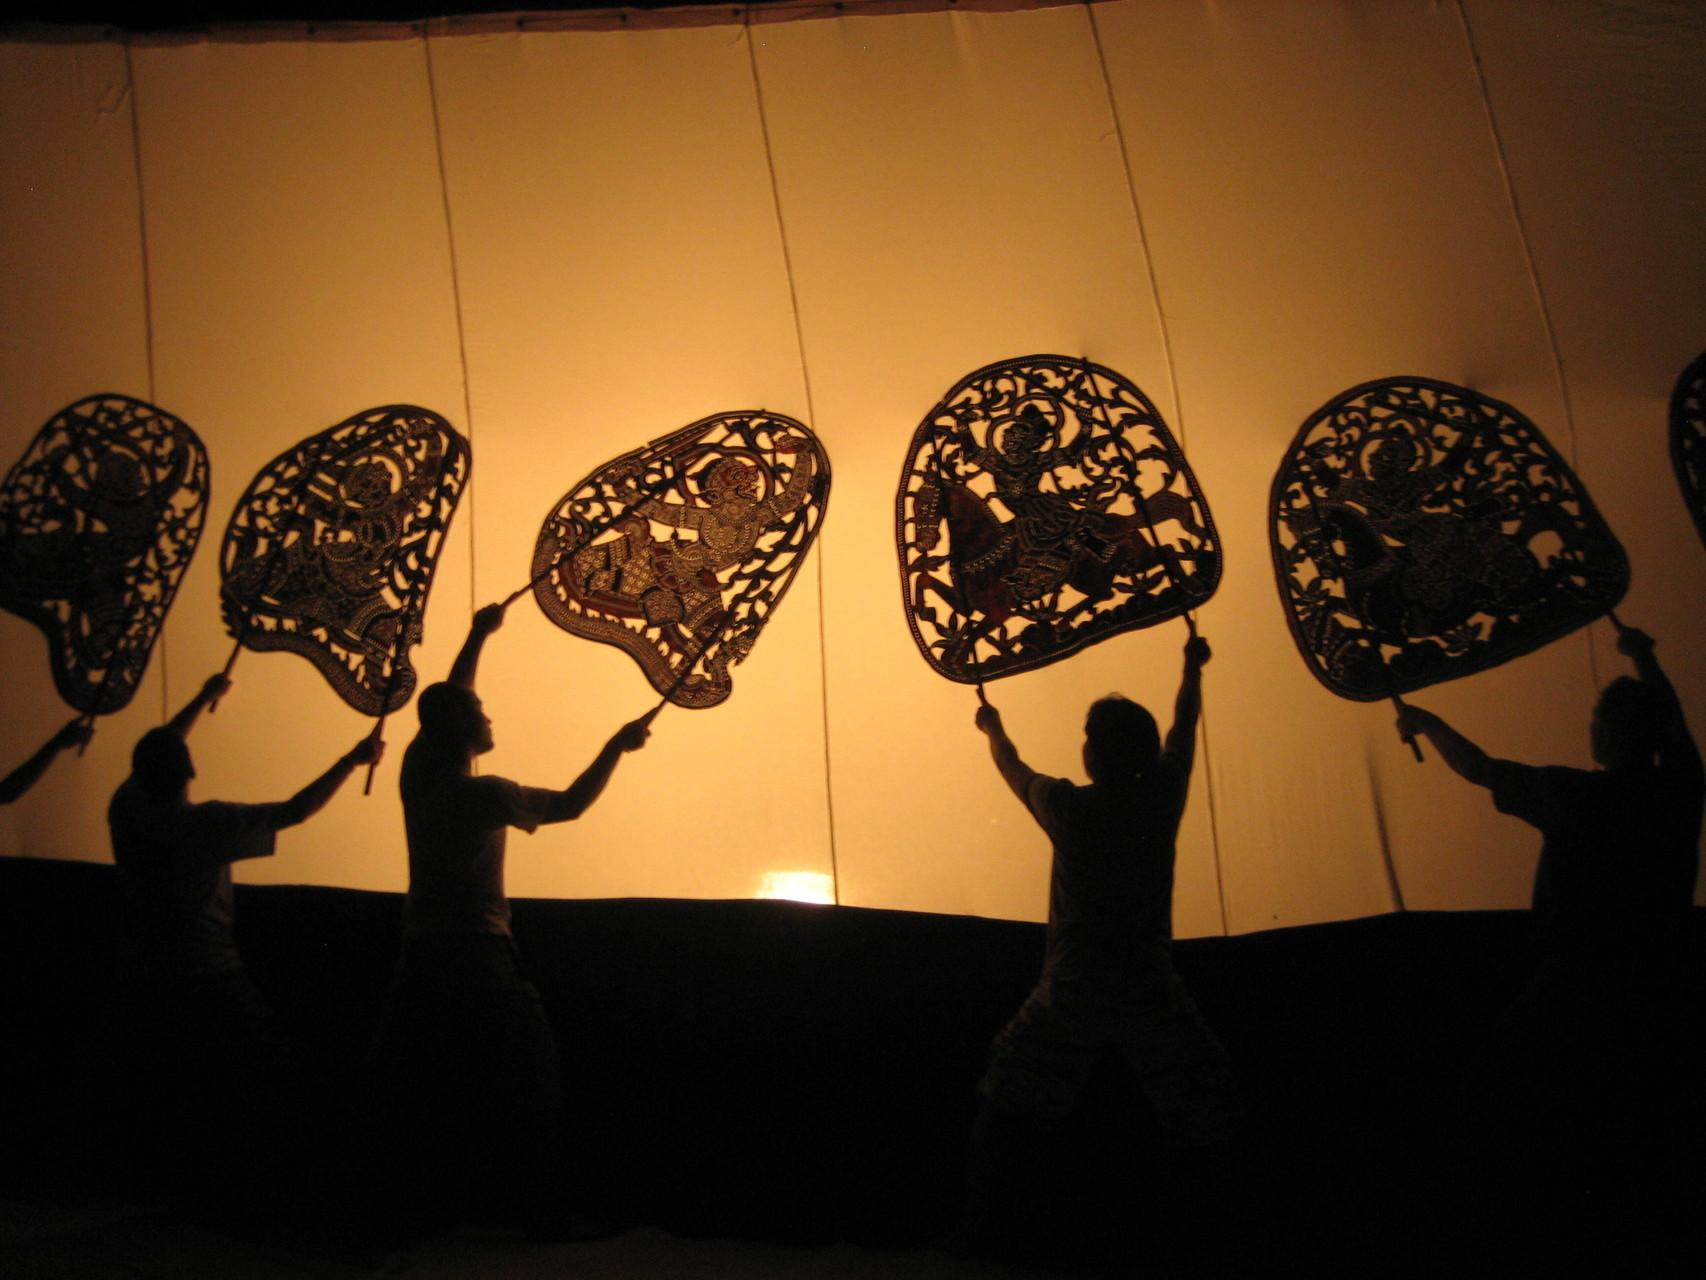 Le théâtre d'ombre « grand cuir ». Photo prise par Joseph Thach.